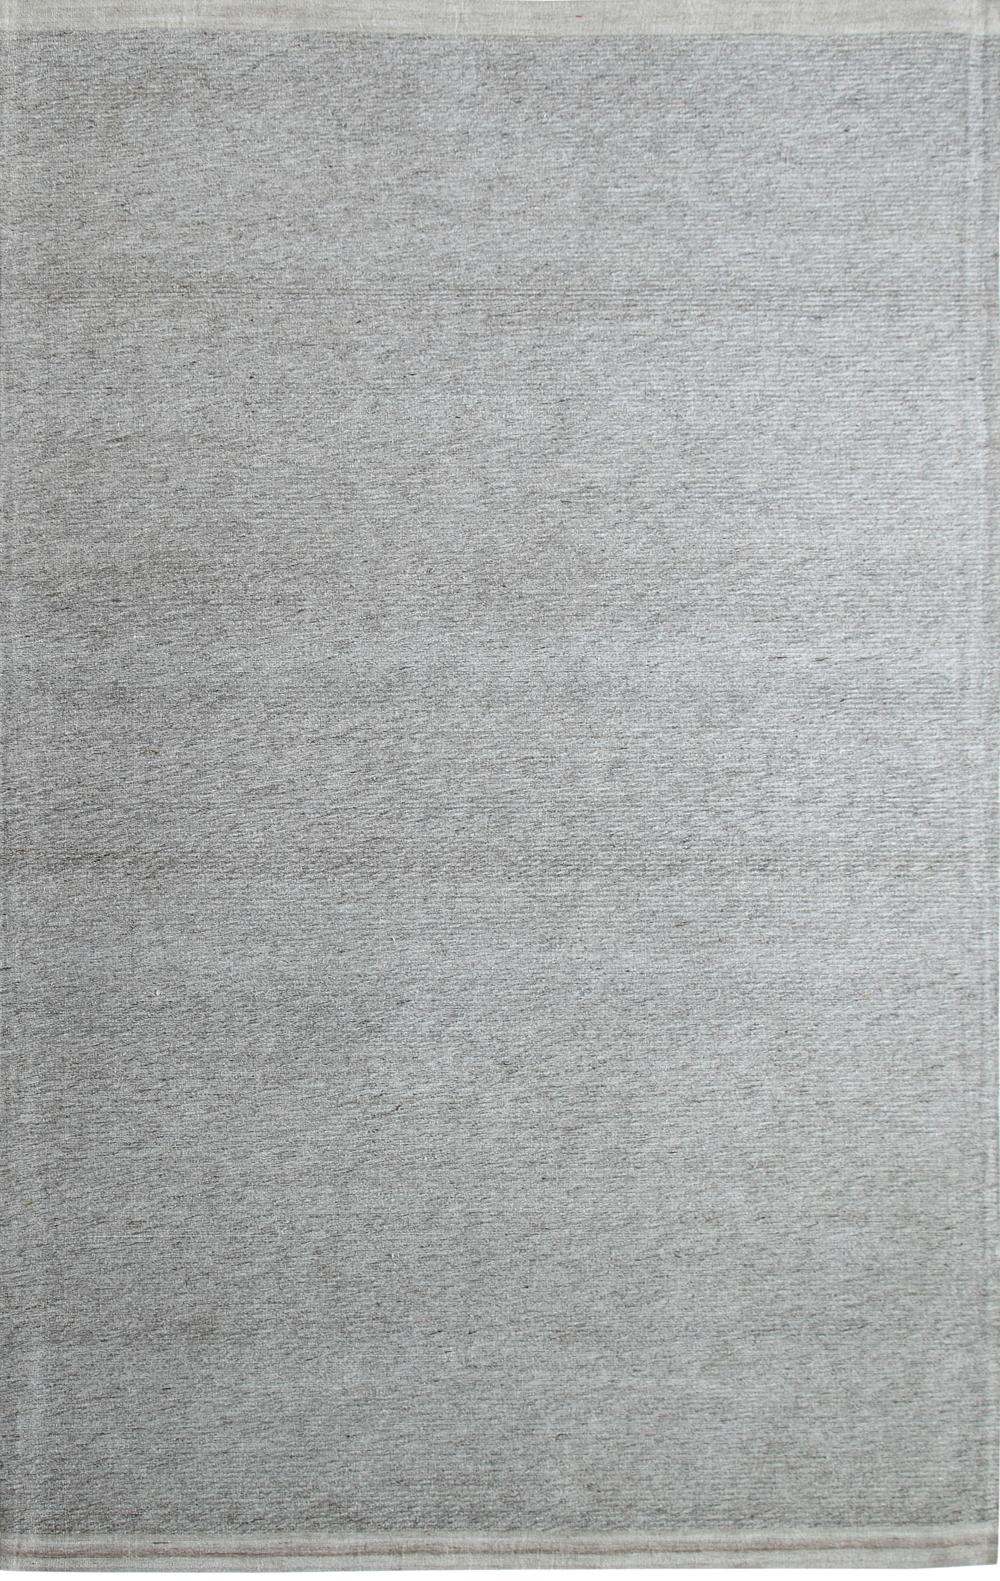 Dynamic SUMMIT 76800 BEIGE GREY Rug